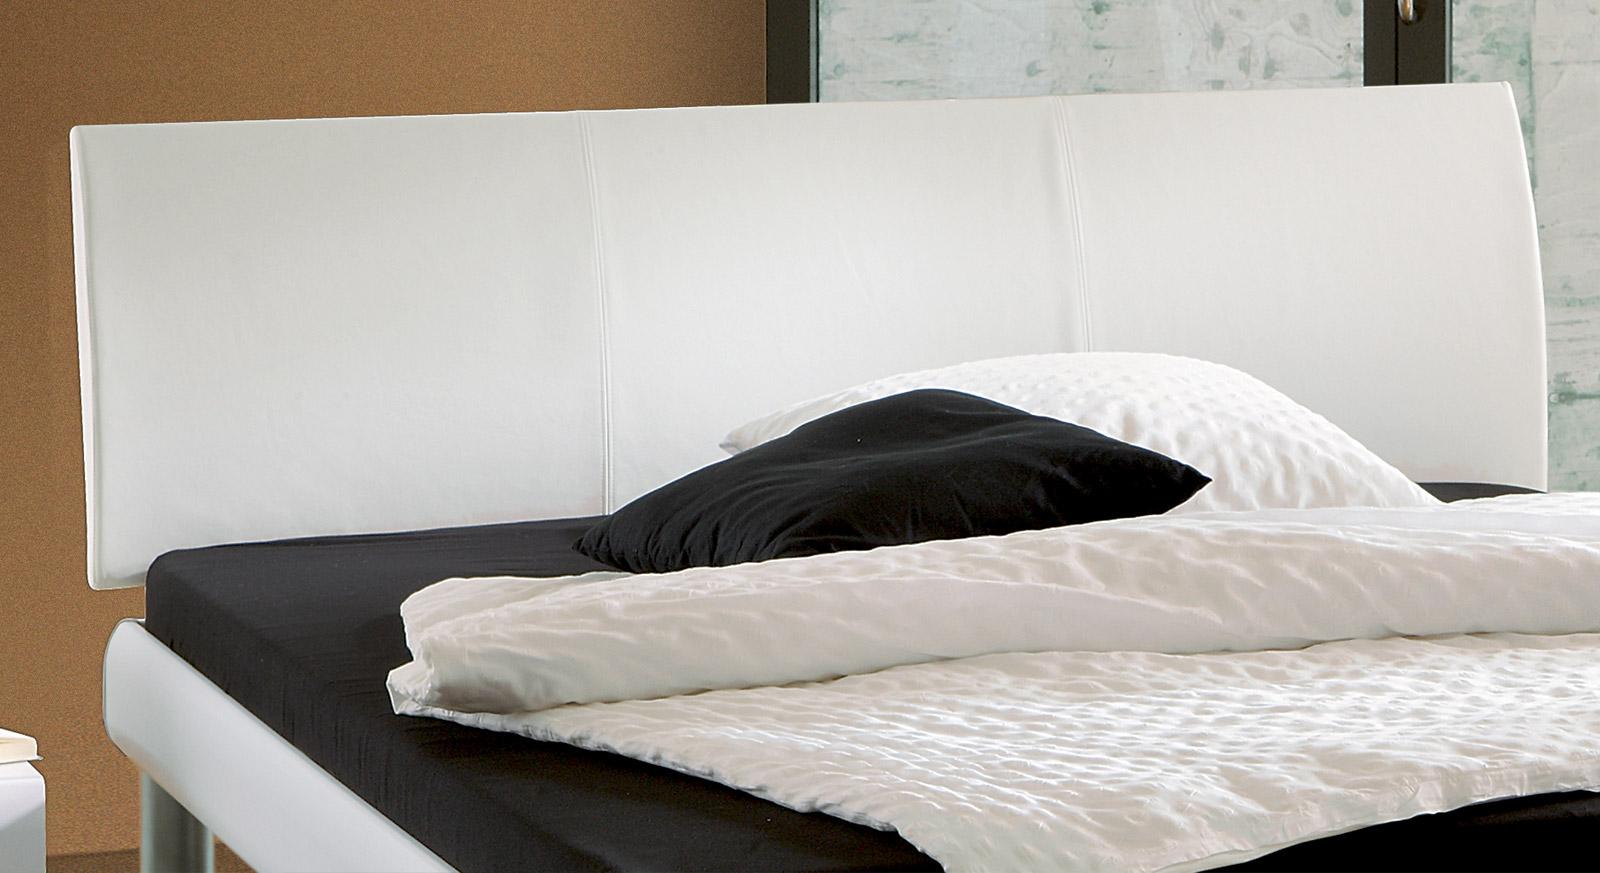 Bett Trentino Kopfteil bequem aus Kunstleder hochwertig verarbeitet